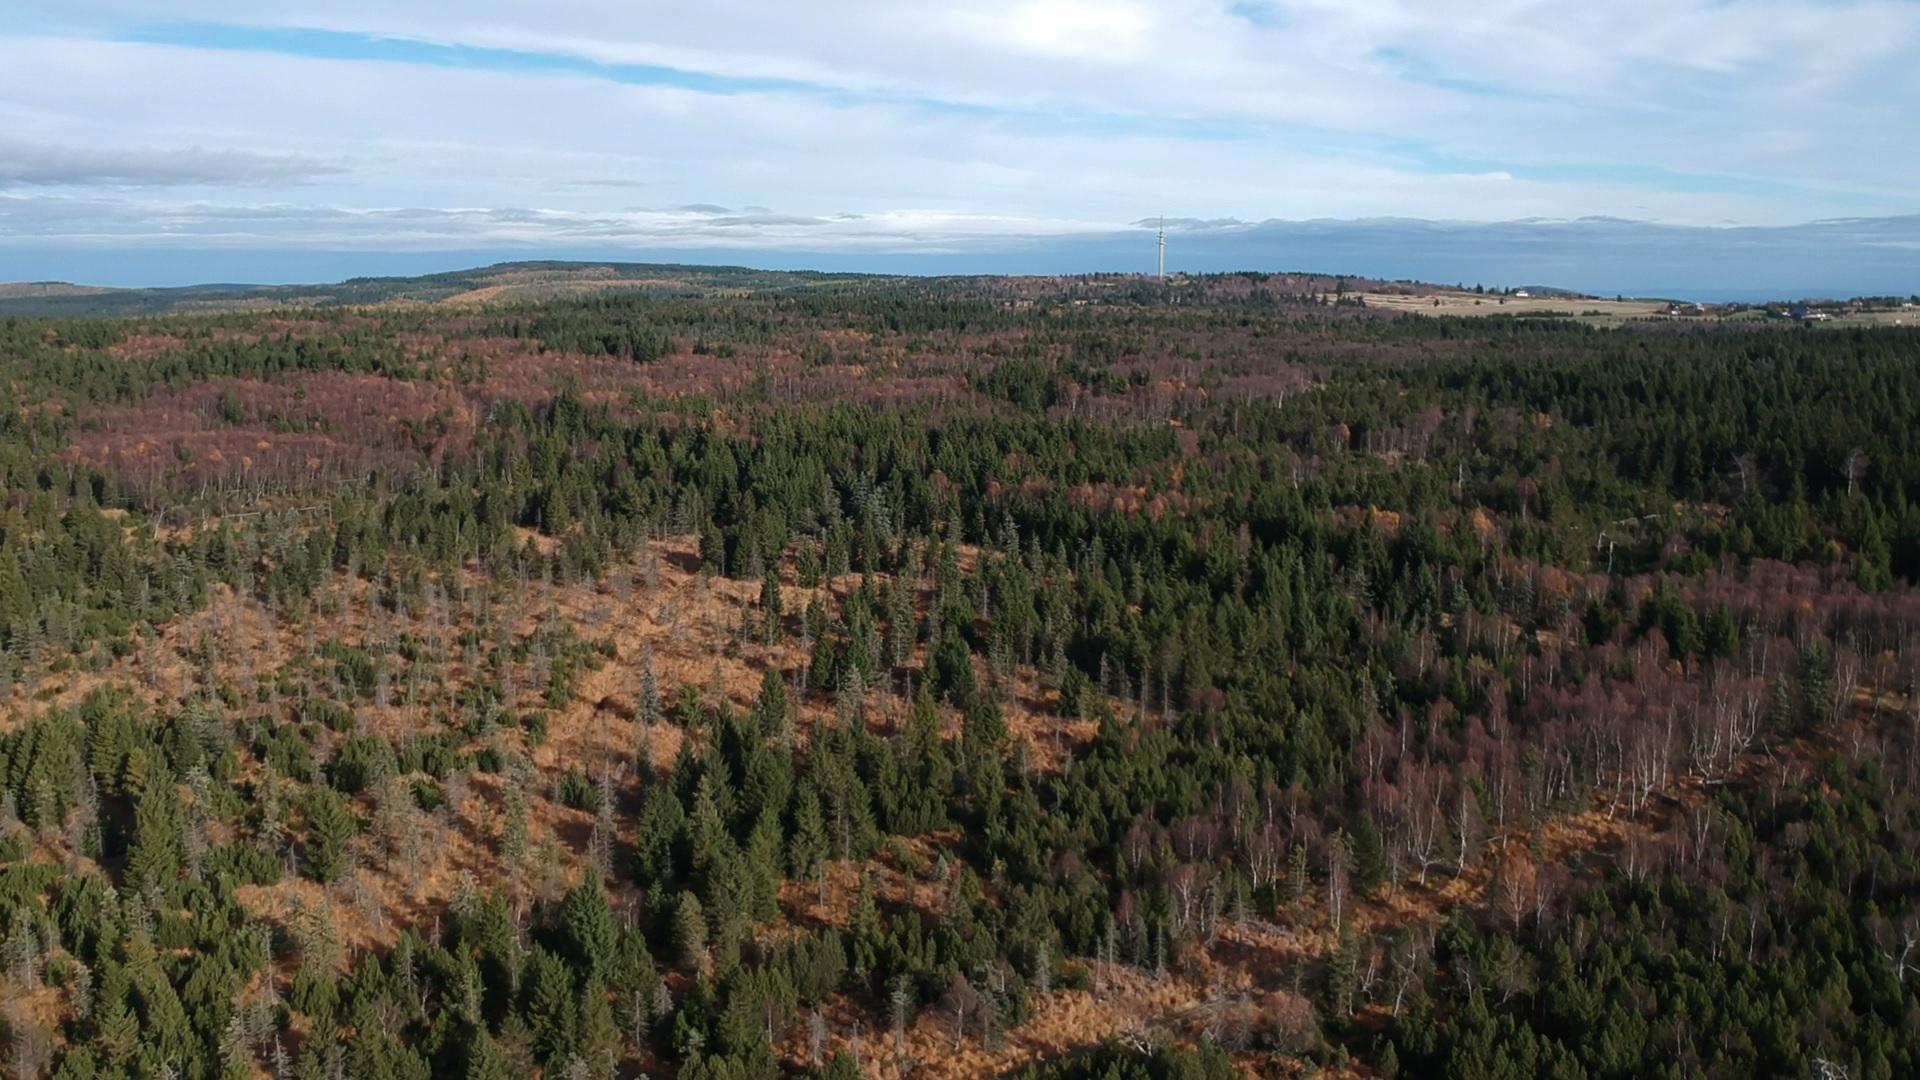 Březové porosty rašeliniště U jezera, v pozadí Kahleberg, Lugstein a Cínovec, 27.10.2019, autor Kryštof Volf